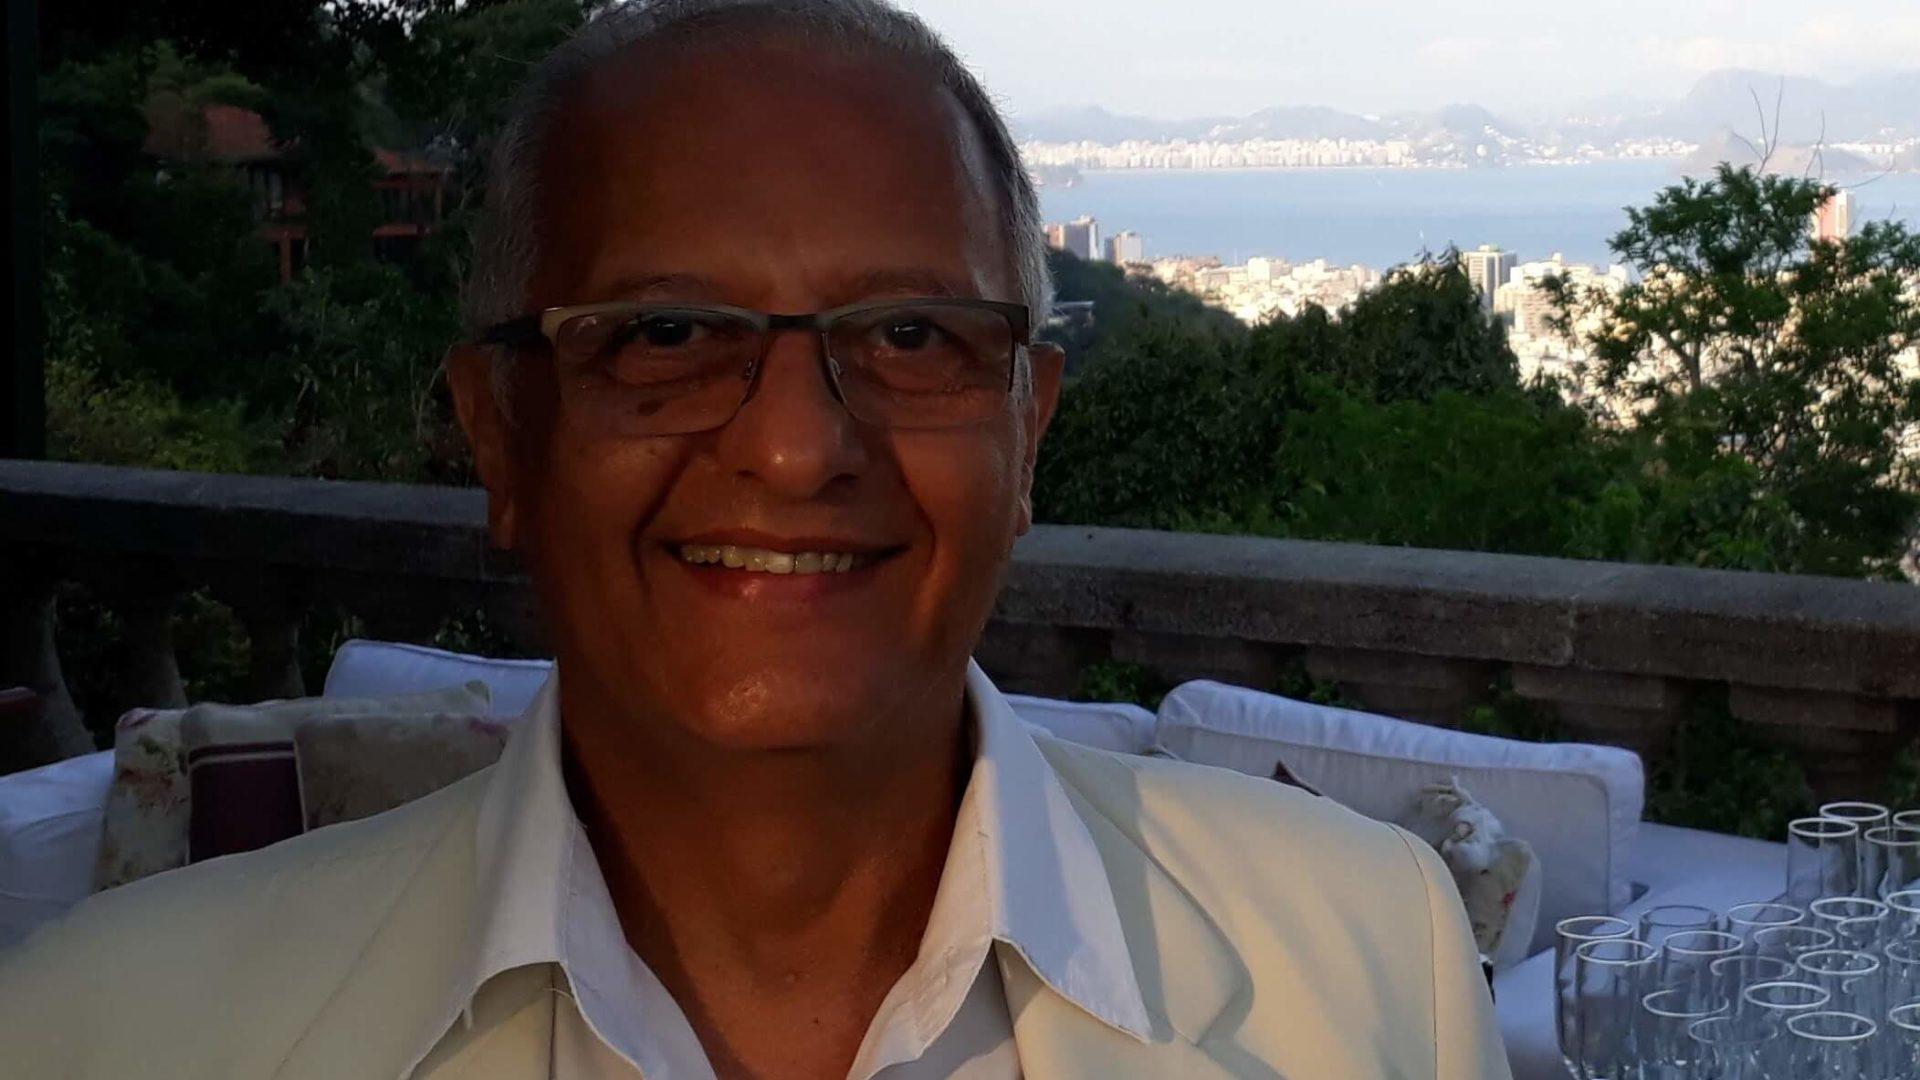 Carlos Alberto Soares